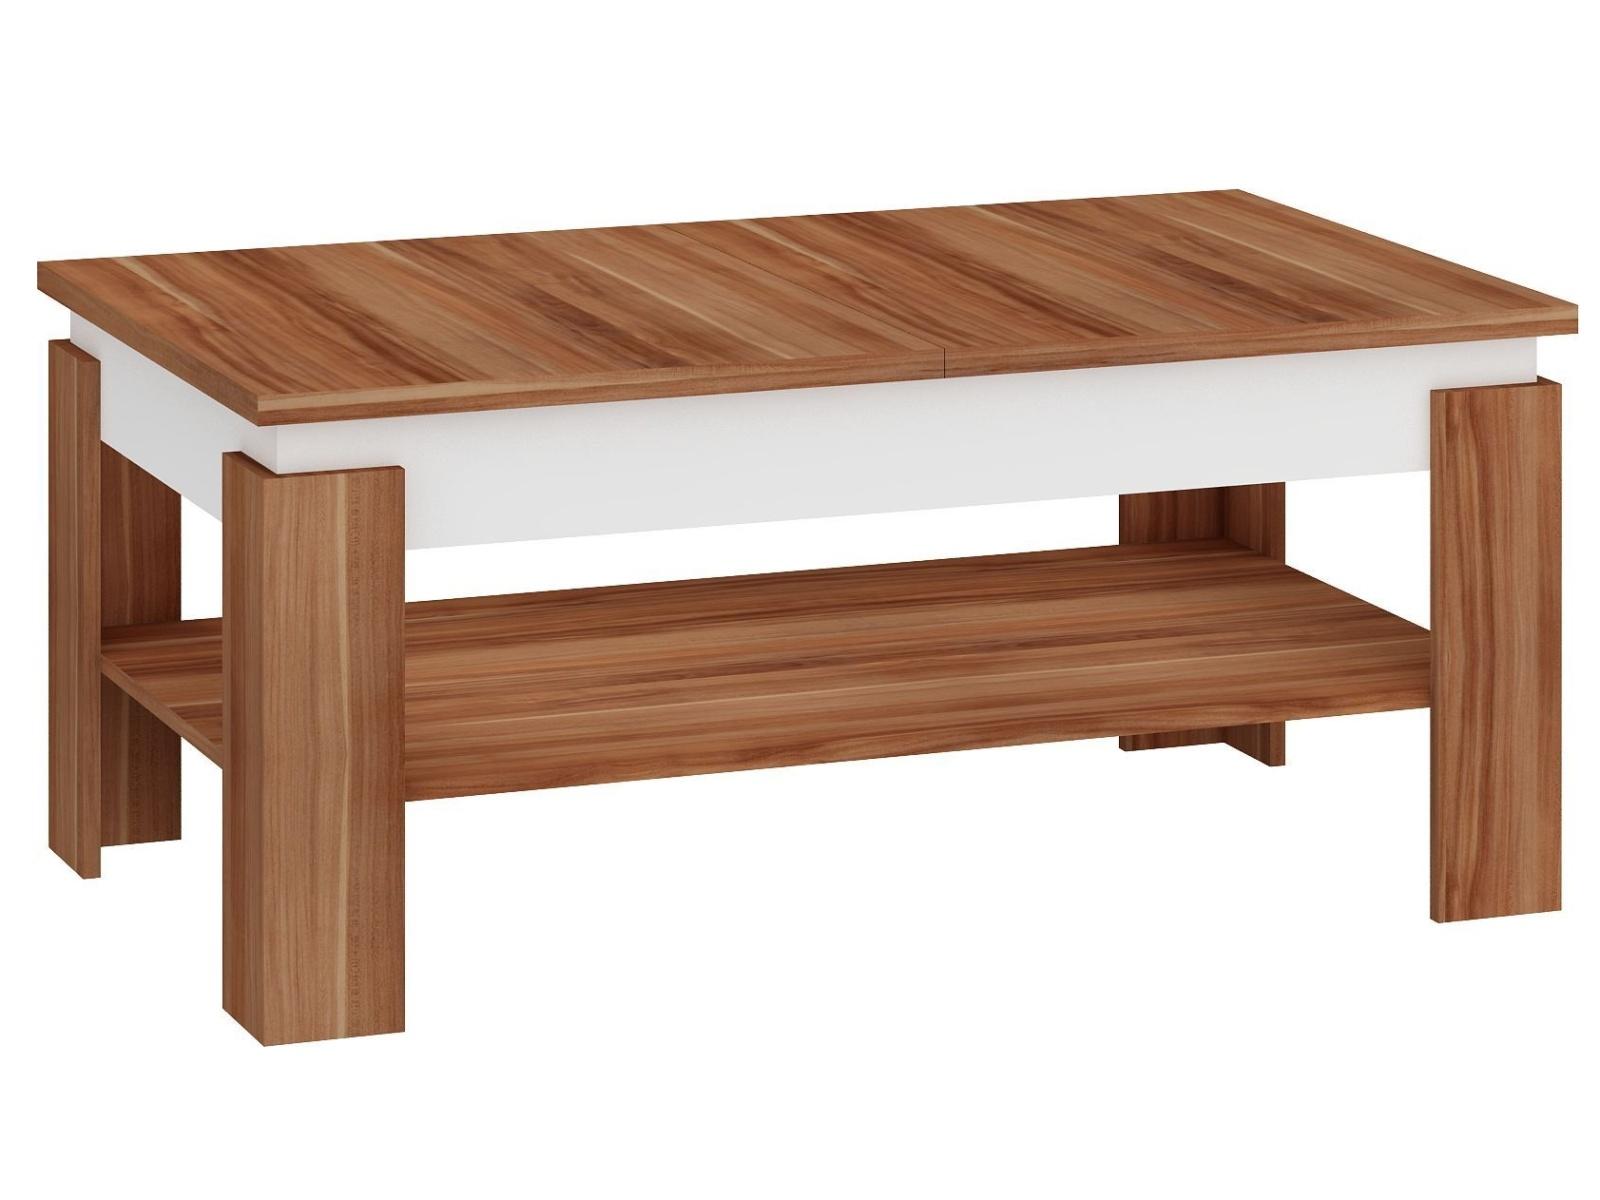 MORAVIA FLAT Konferenční rozkládací stolek BOSTON, švestka wallis/bílá